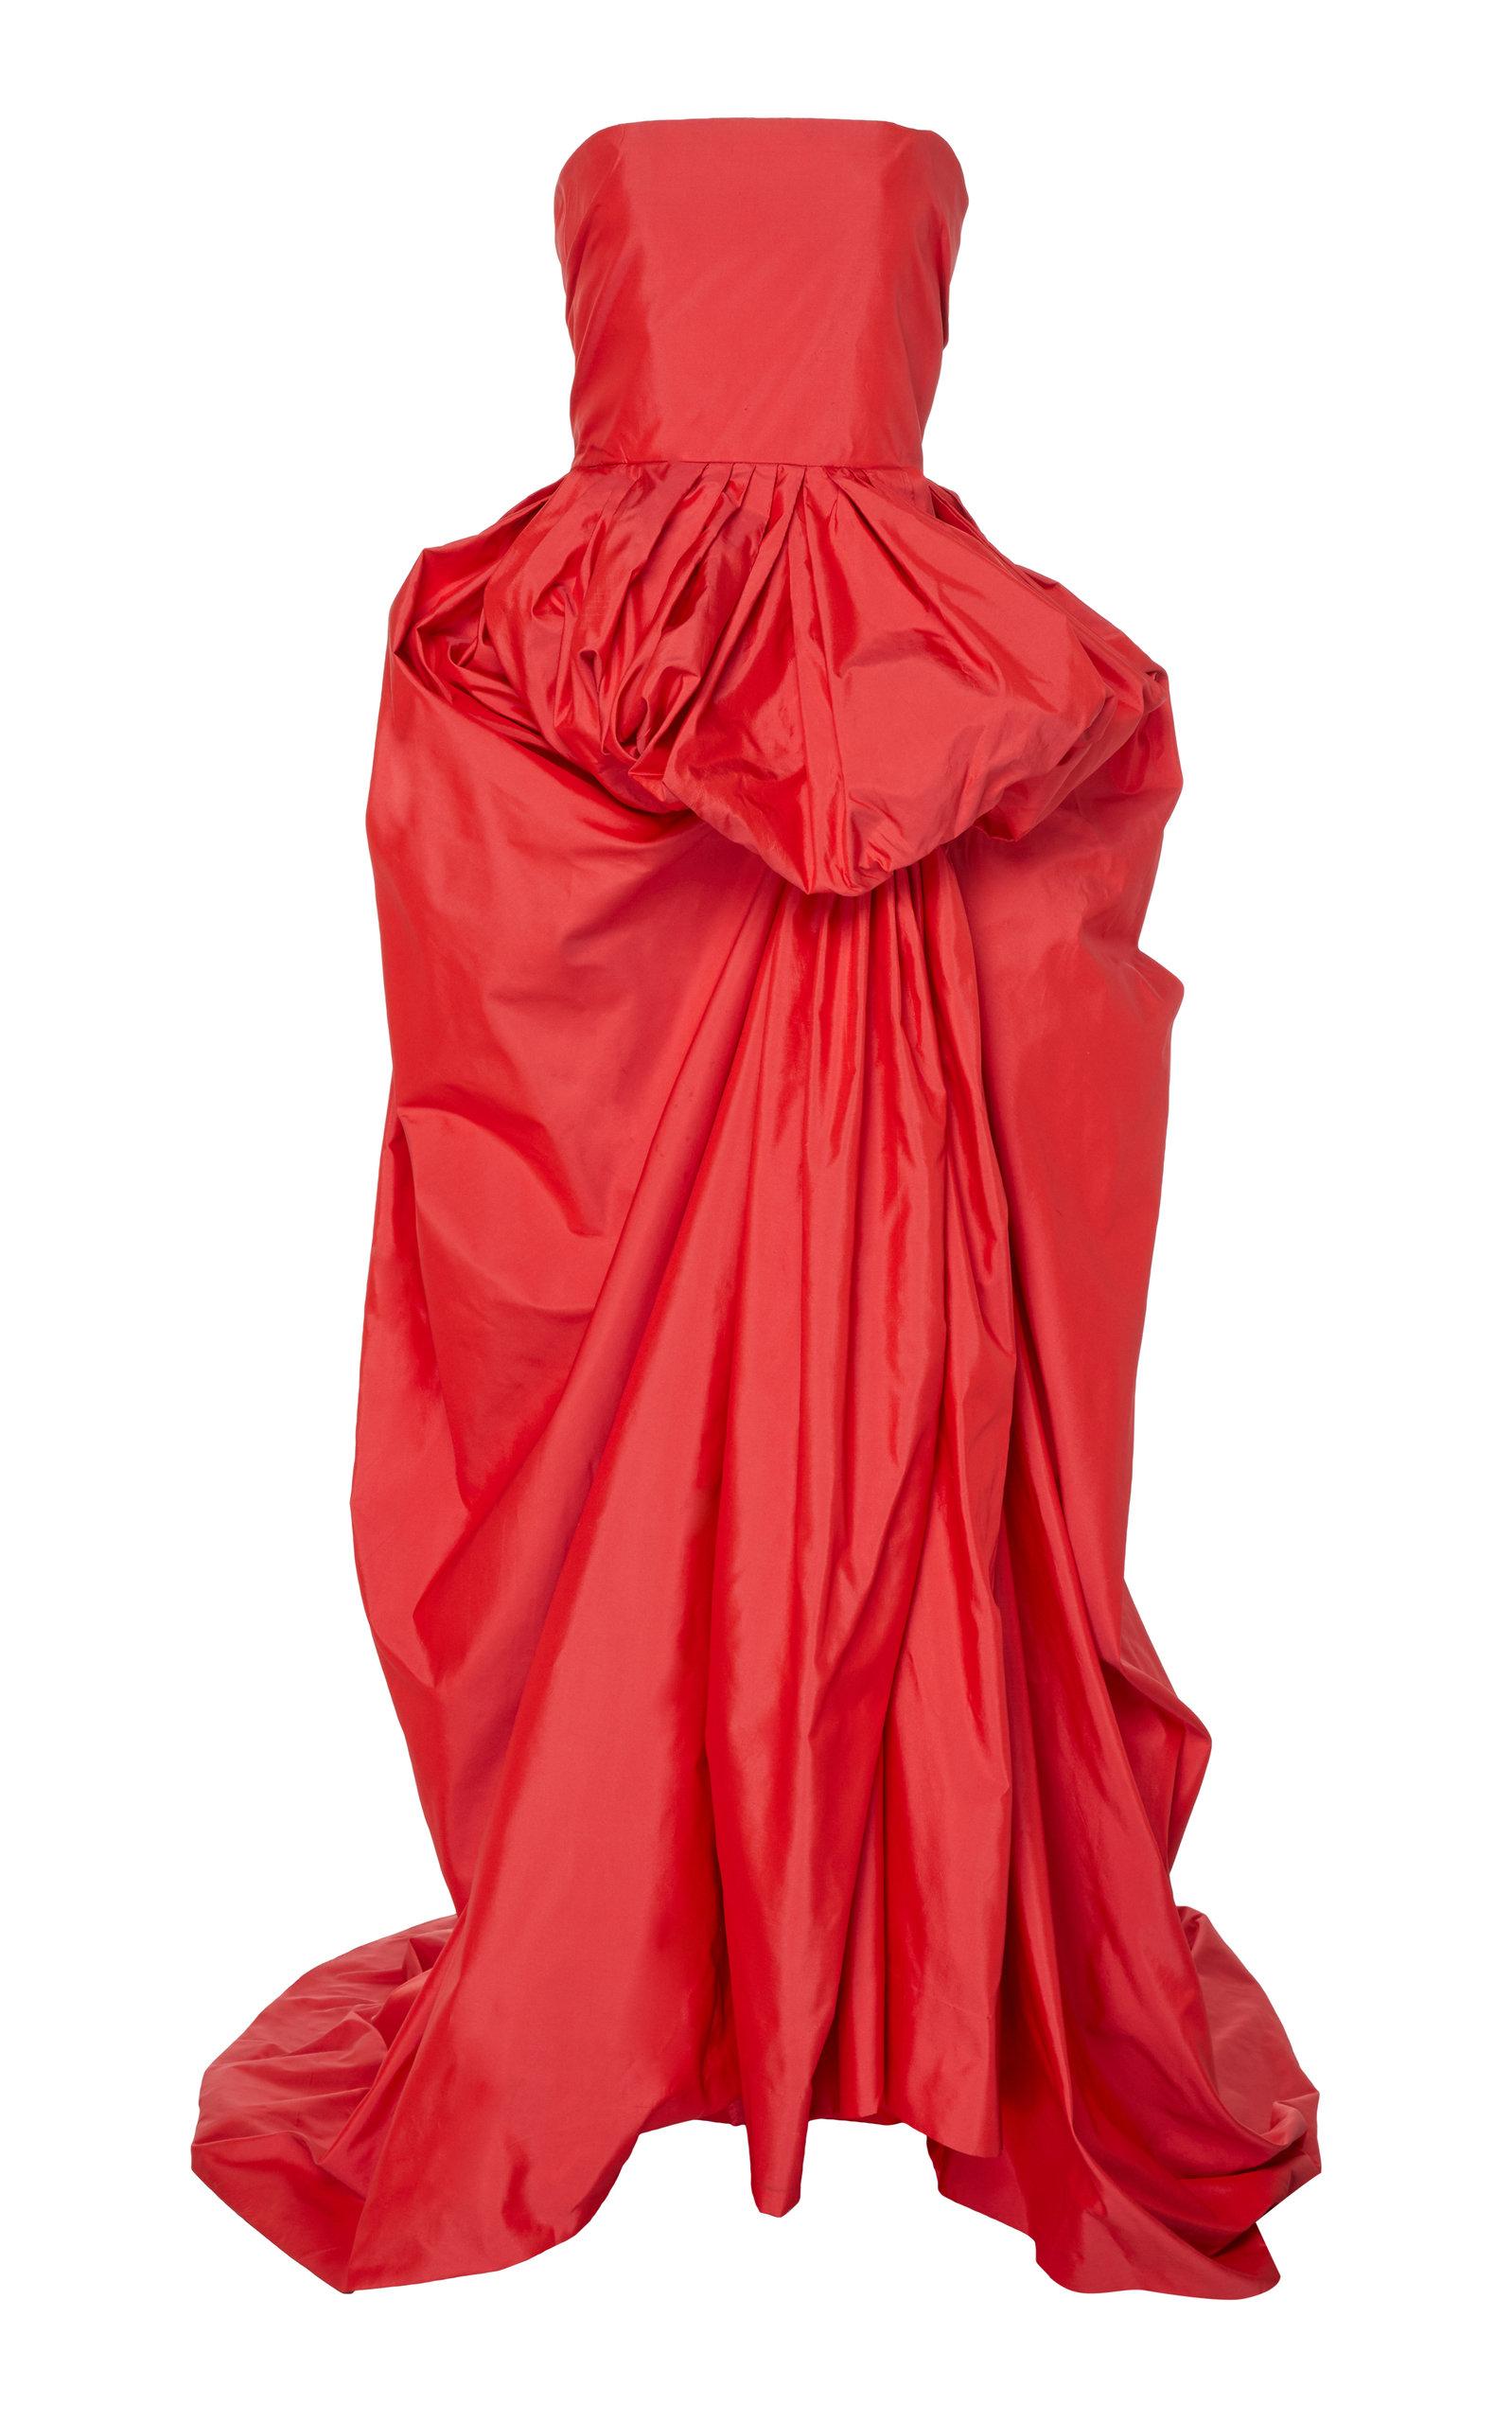 f370b473f4 Martin GrantStrapless Silk Dress. CLOSE. Loading